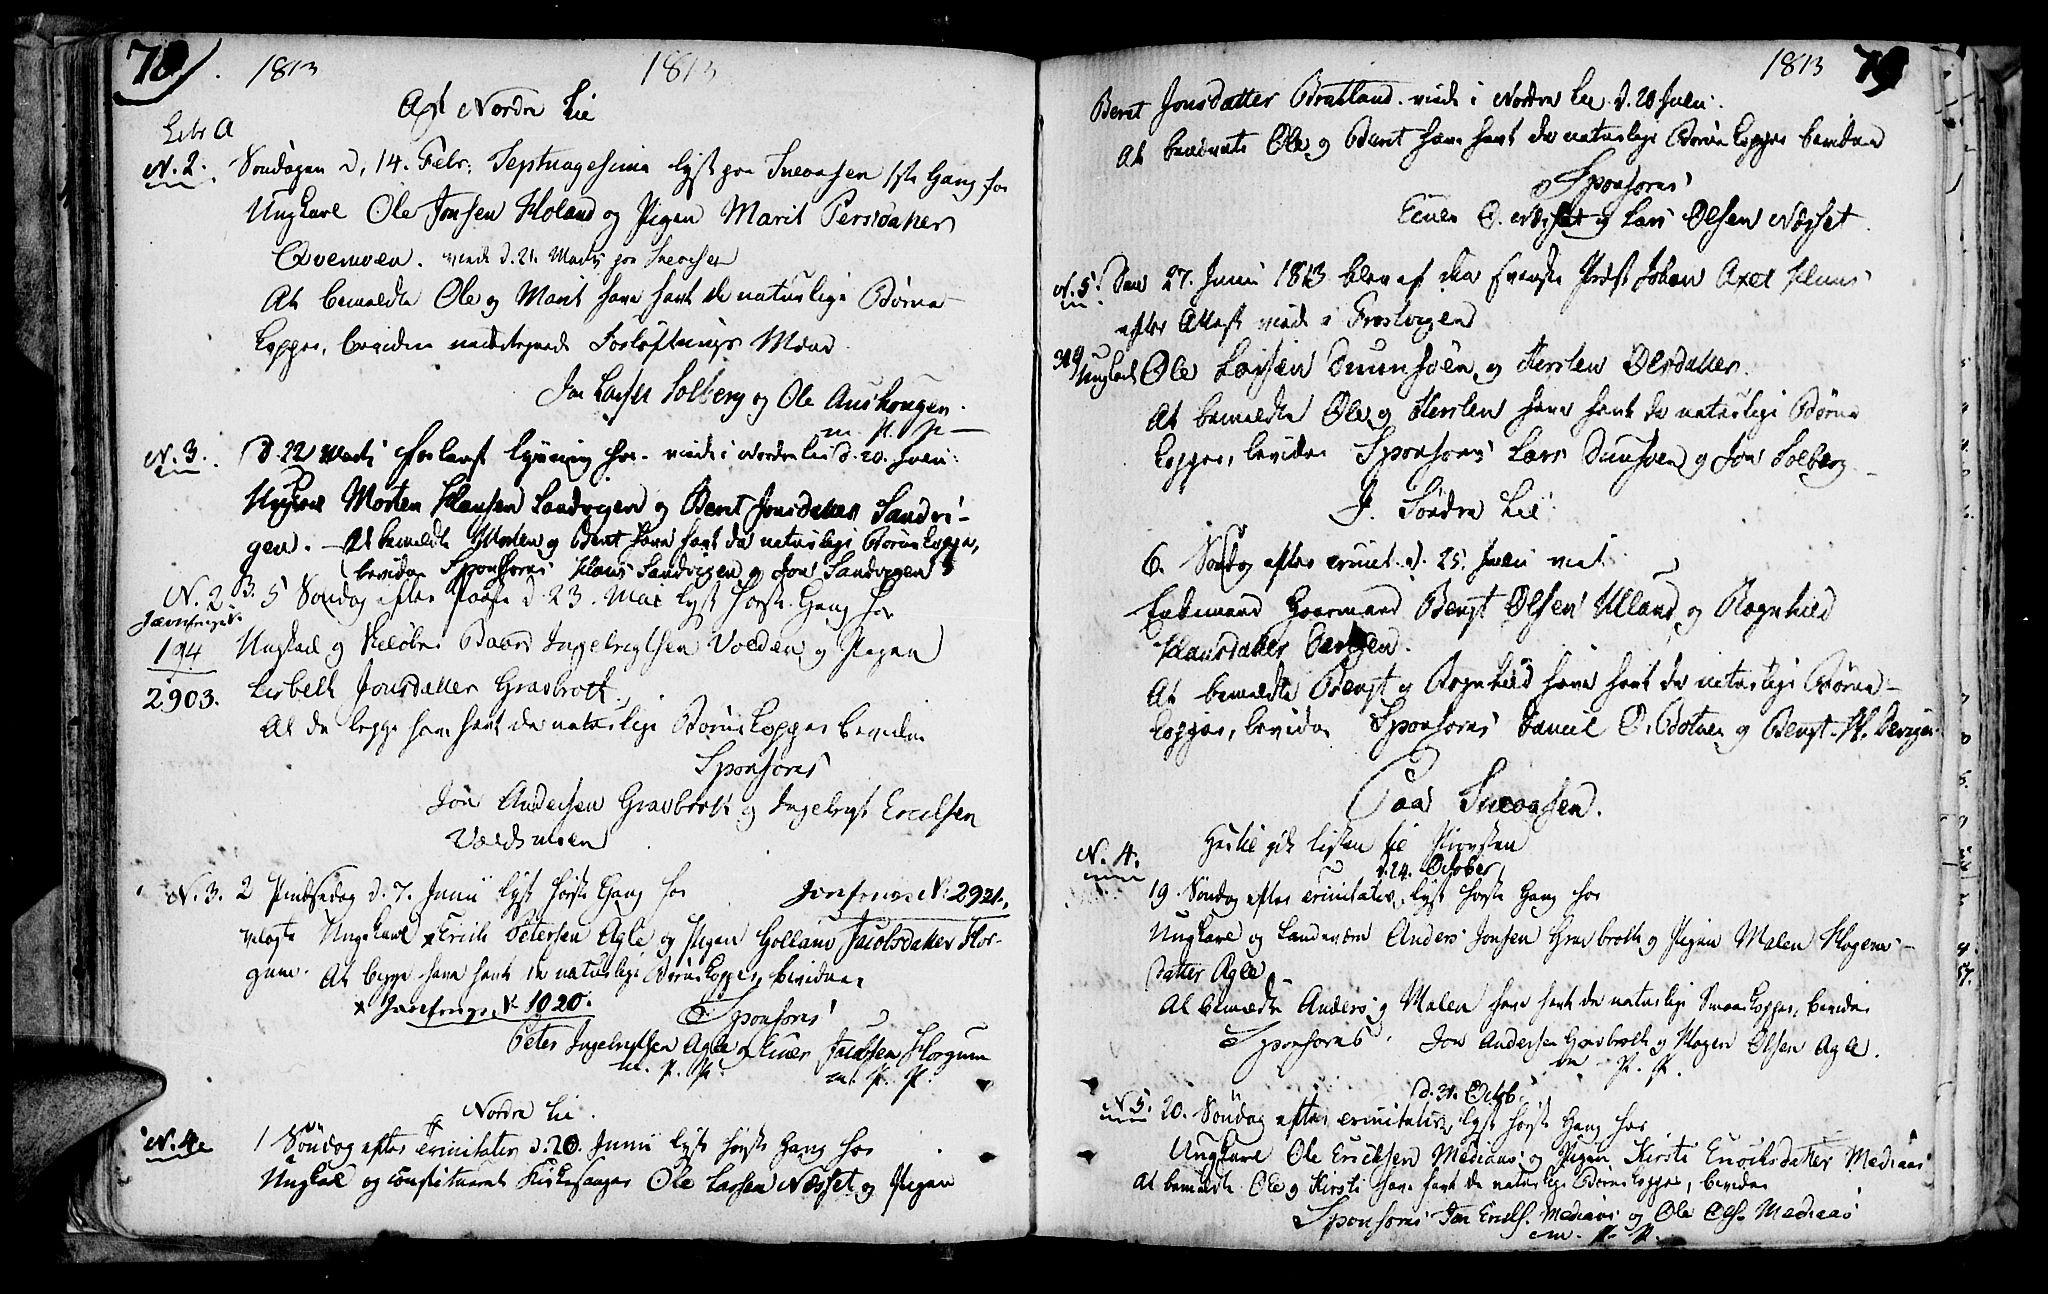 SAT, Ministerialprotokoller, klokkerbøker og fødselsregistre - Nord-Trøndelag, 749/L0468: Ministerialbok nr. 749A02, 1787-1817, s. 78-79